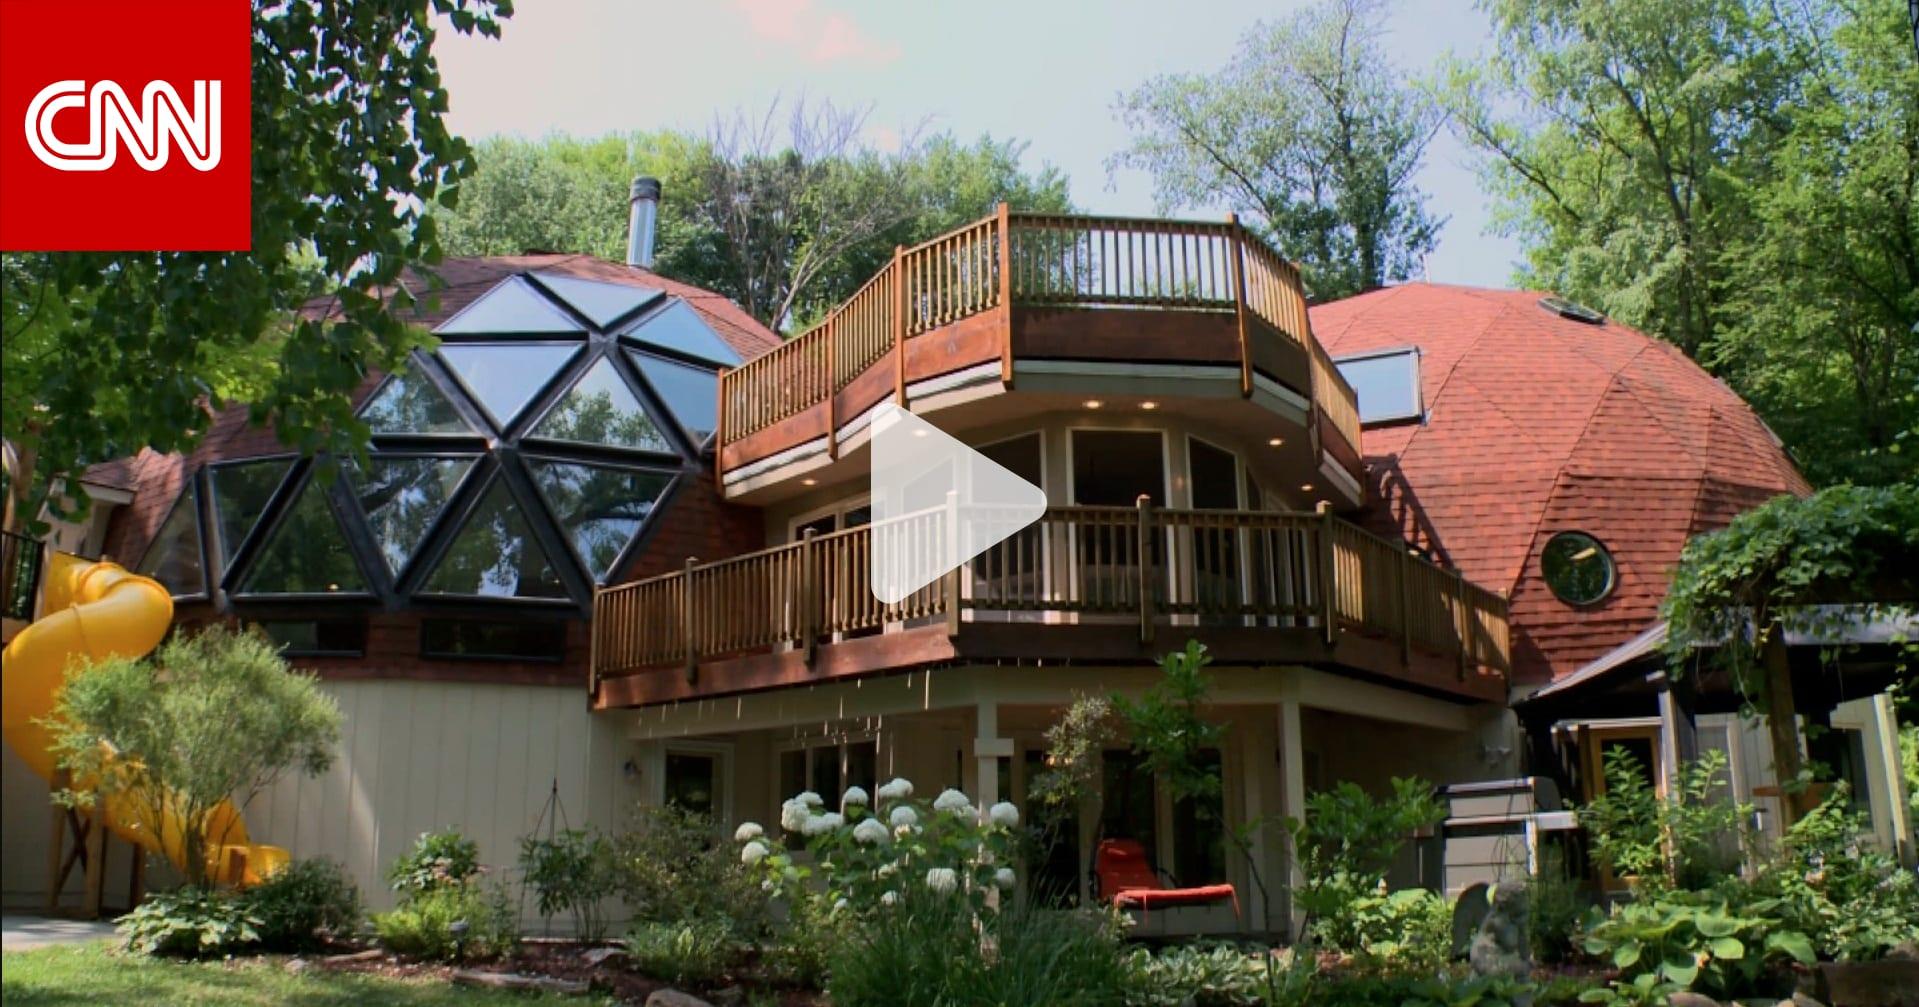 منزل ذو قبتين مطروح للبيع بـ3 ملايين دولار.. لماذا يُباع بهذا السعر؟